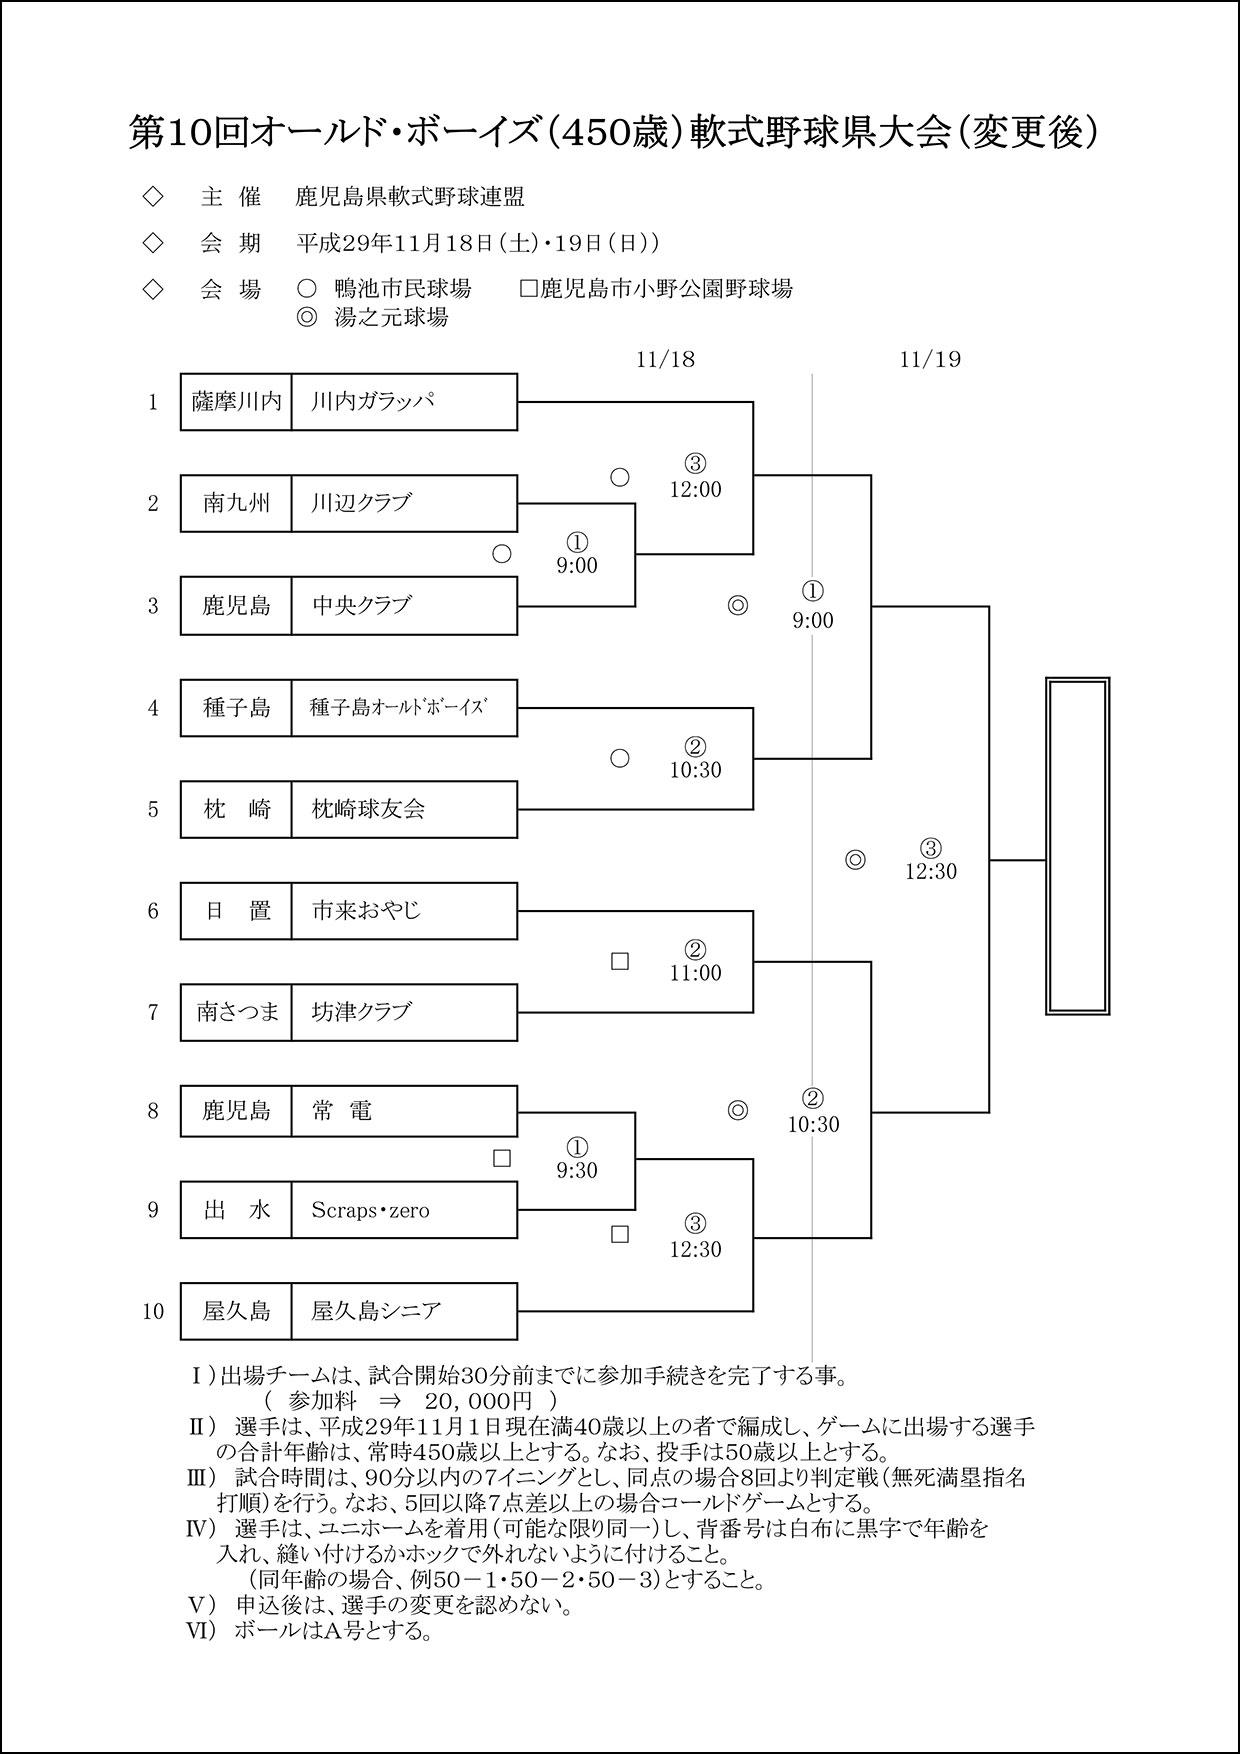 【日時場所変更】第10回オールド・ボーイズ(450歳)軟式野球県大会